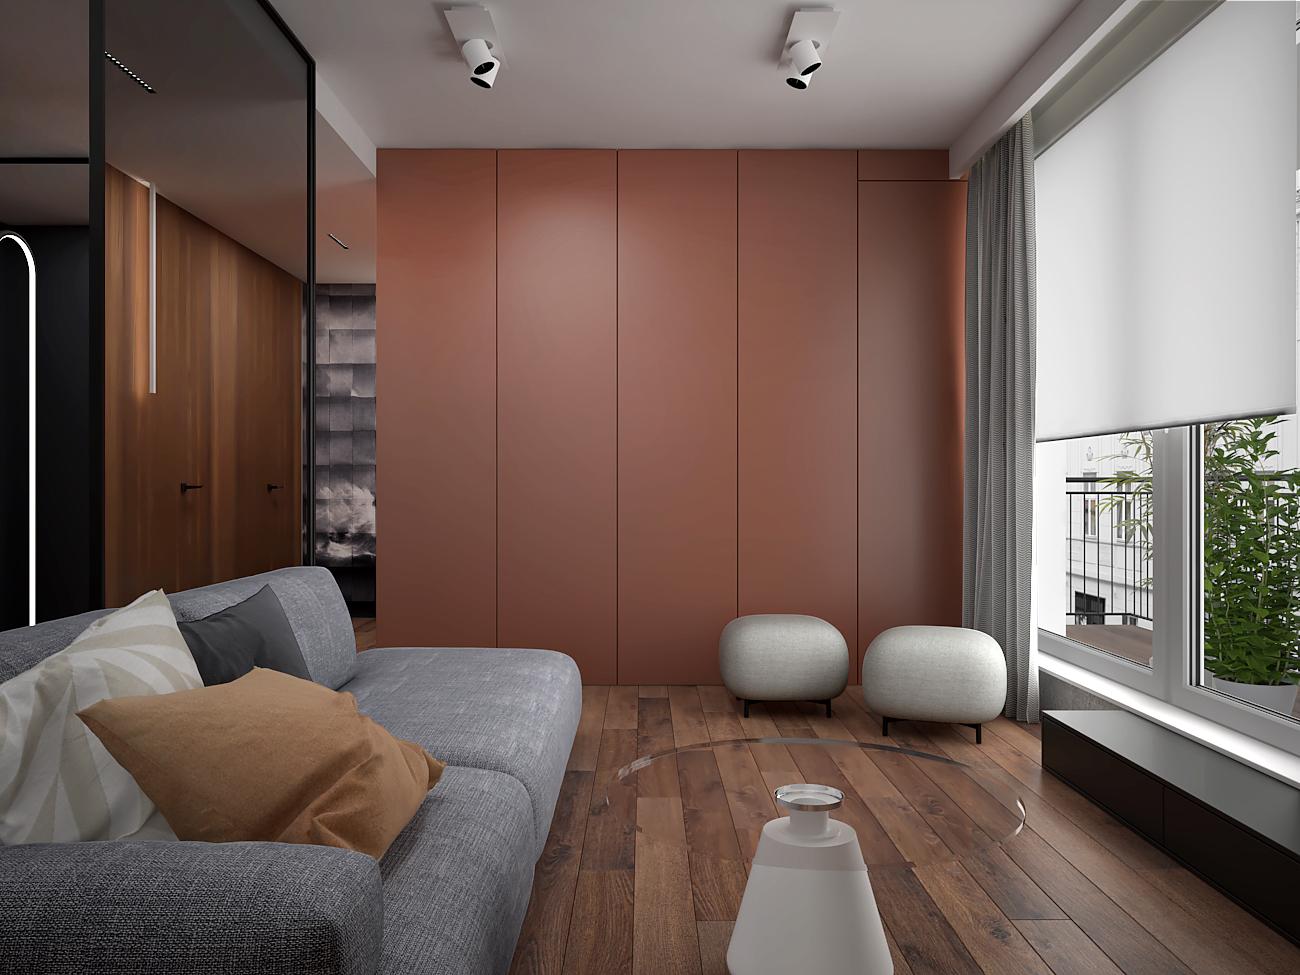 2 aranzacja wnetrza M563 mieszkanie katowice salon szara sofa dwie pufy szklana sciana siana z lakierowanej plyty meblowej